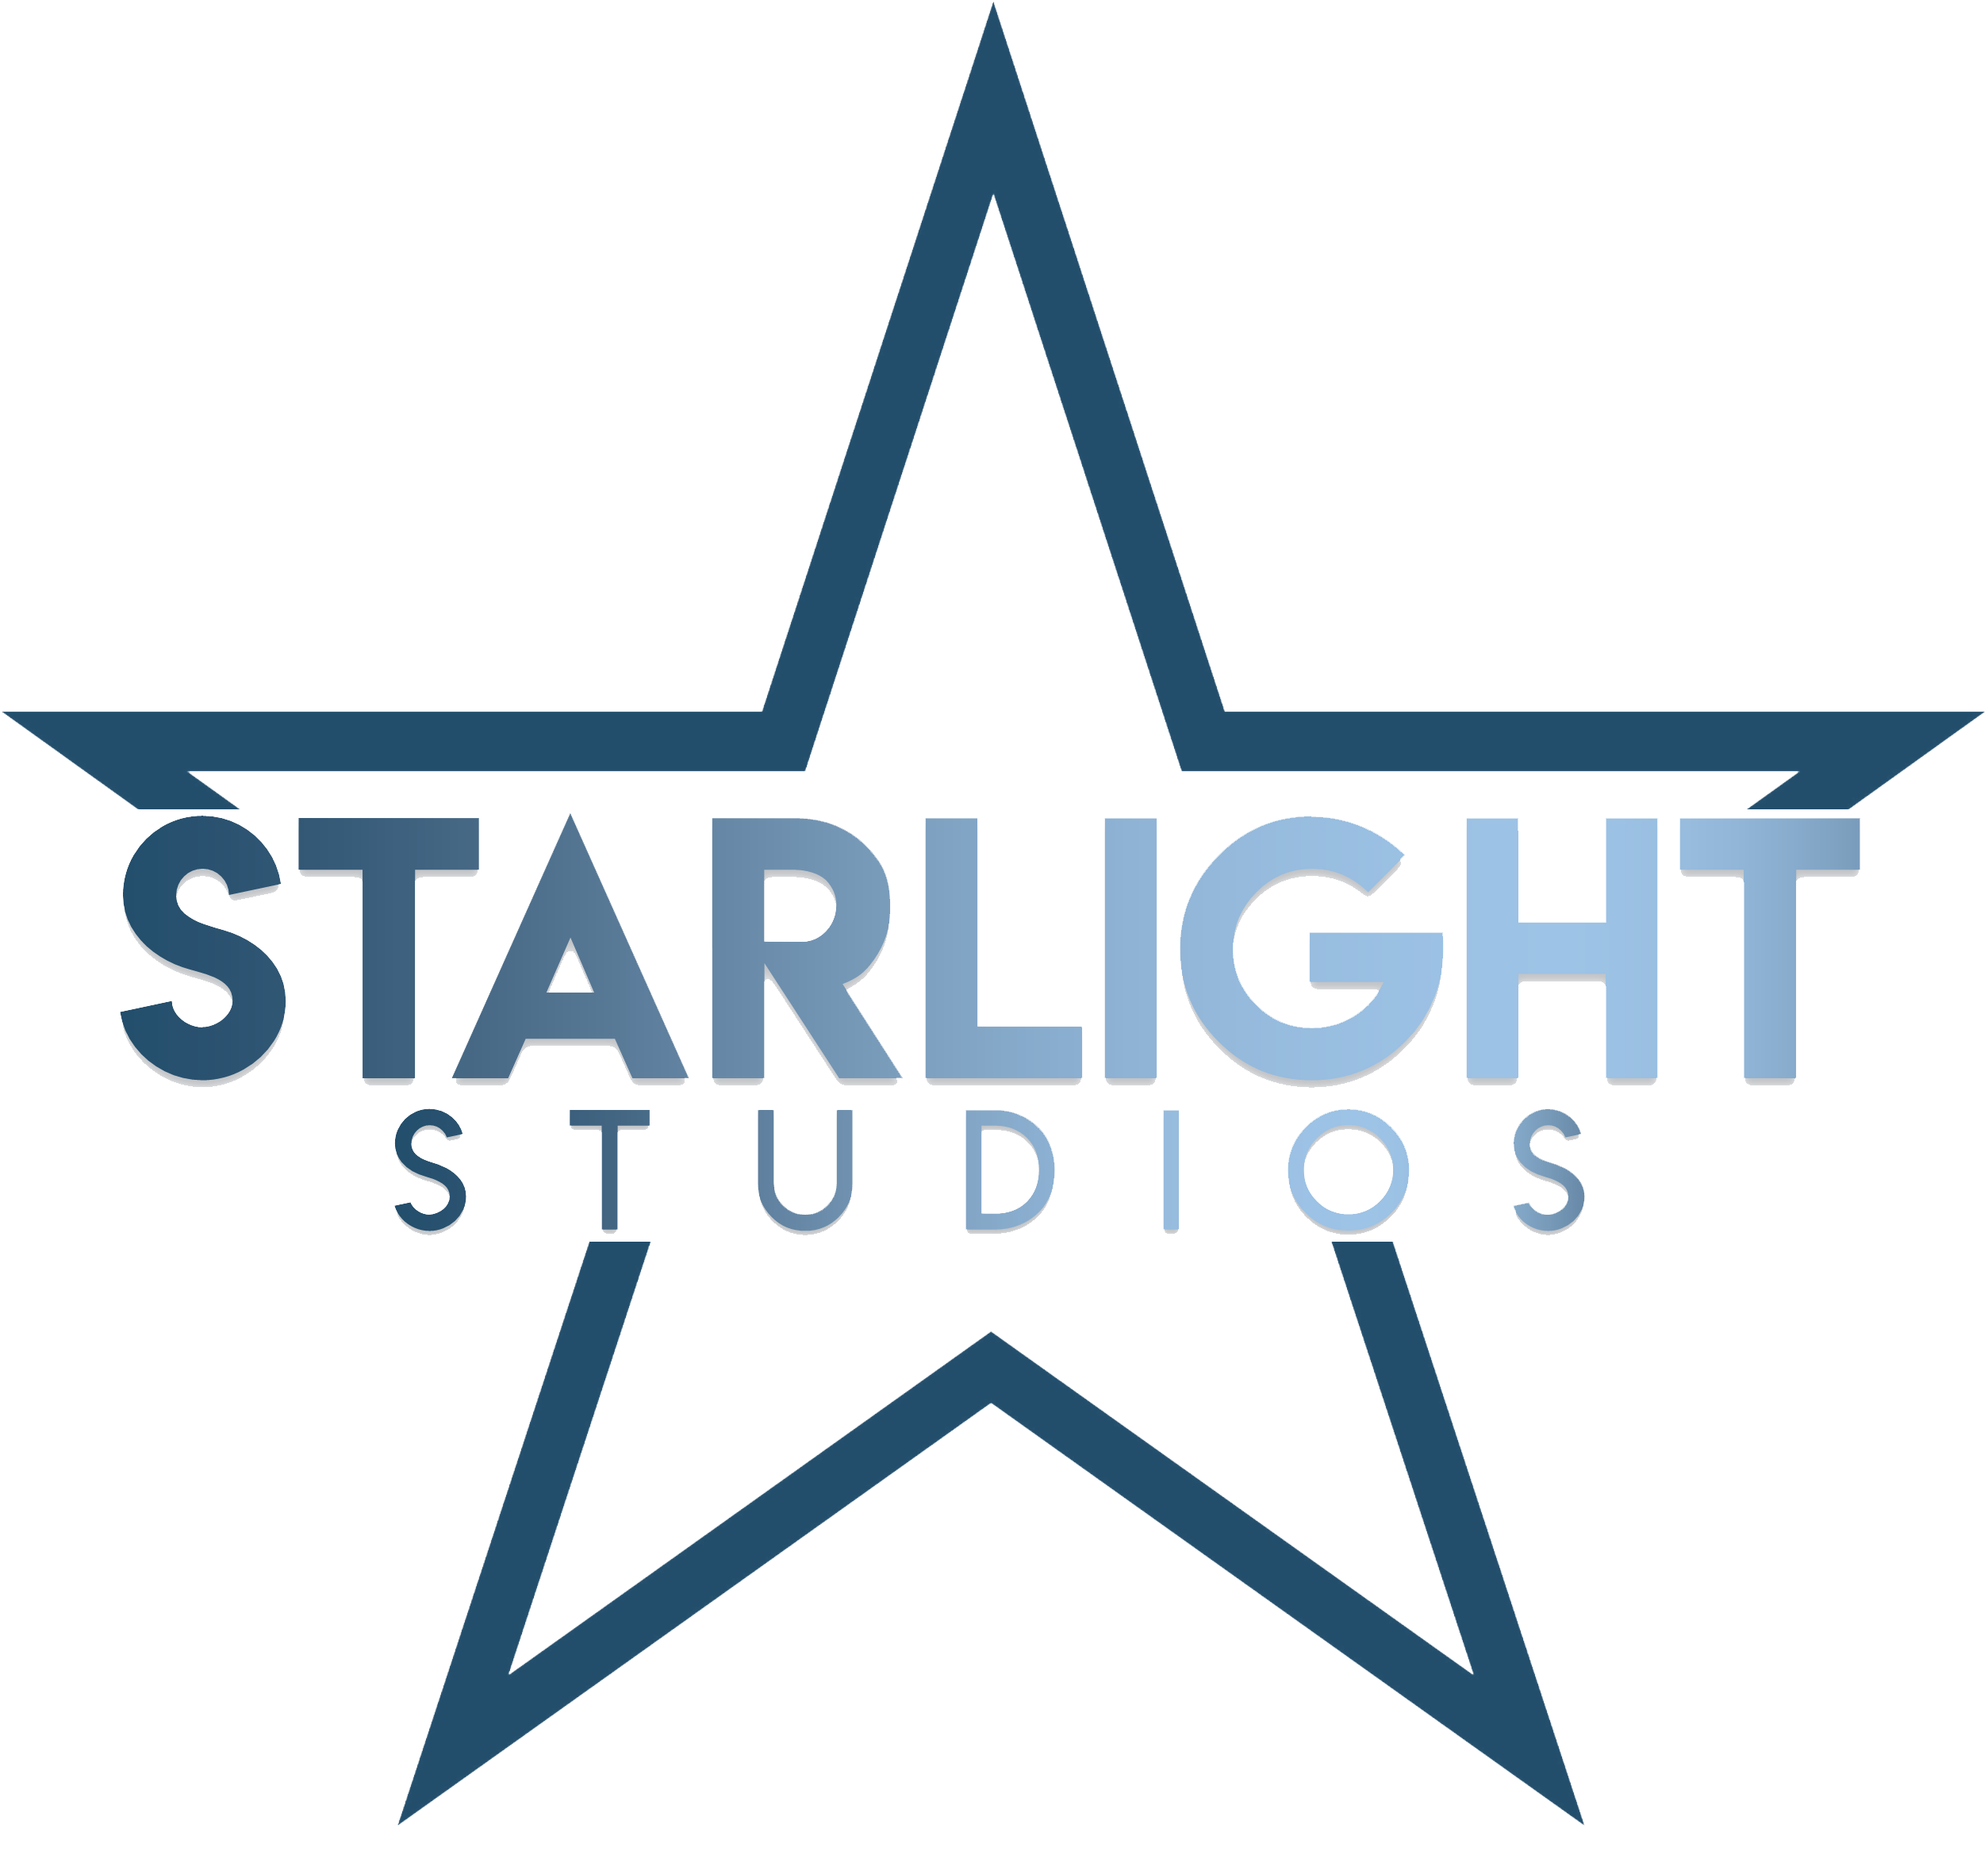 Starlight Studios